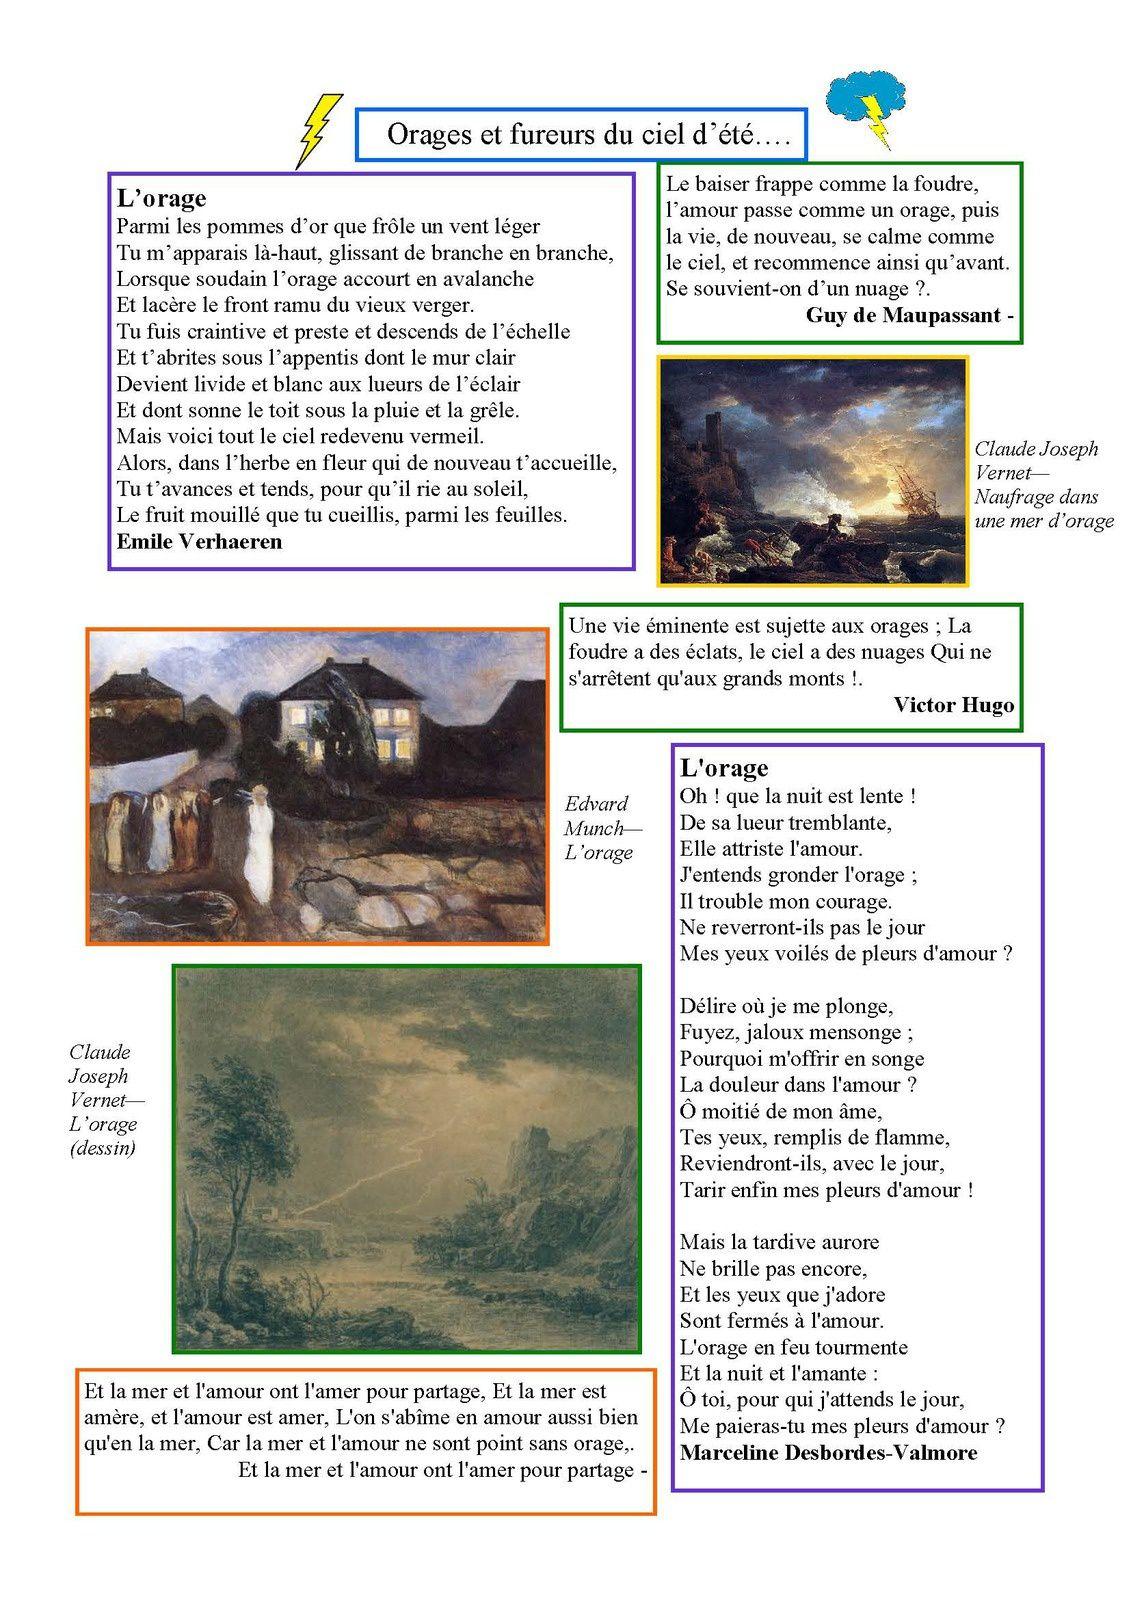 La Page poésie d'Odile  : orages